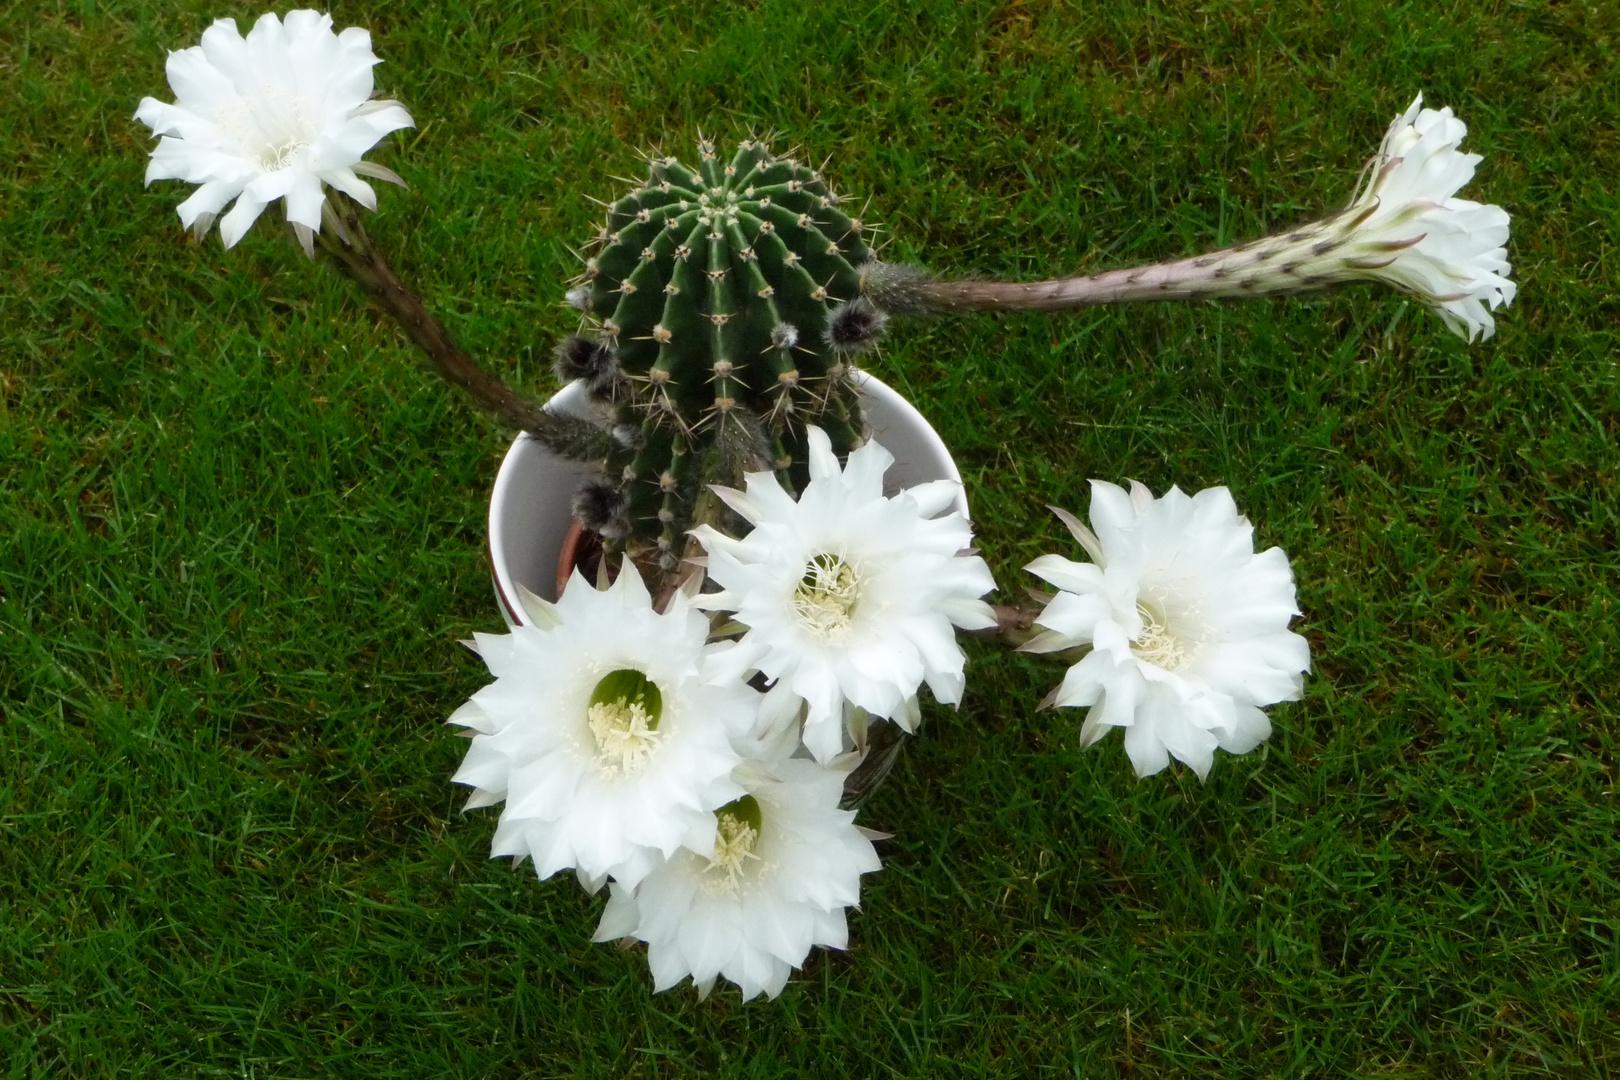 flei iges lieschen mit stacheln foto bild pflanzen pilze flechten natur bilder auf. Black Bedroom Furniture Sets. Home Design Ideas